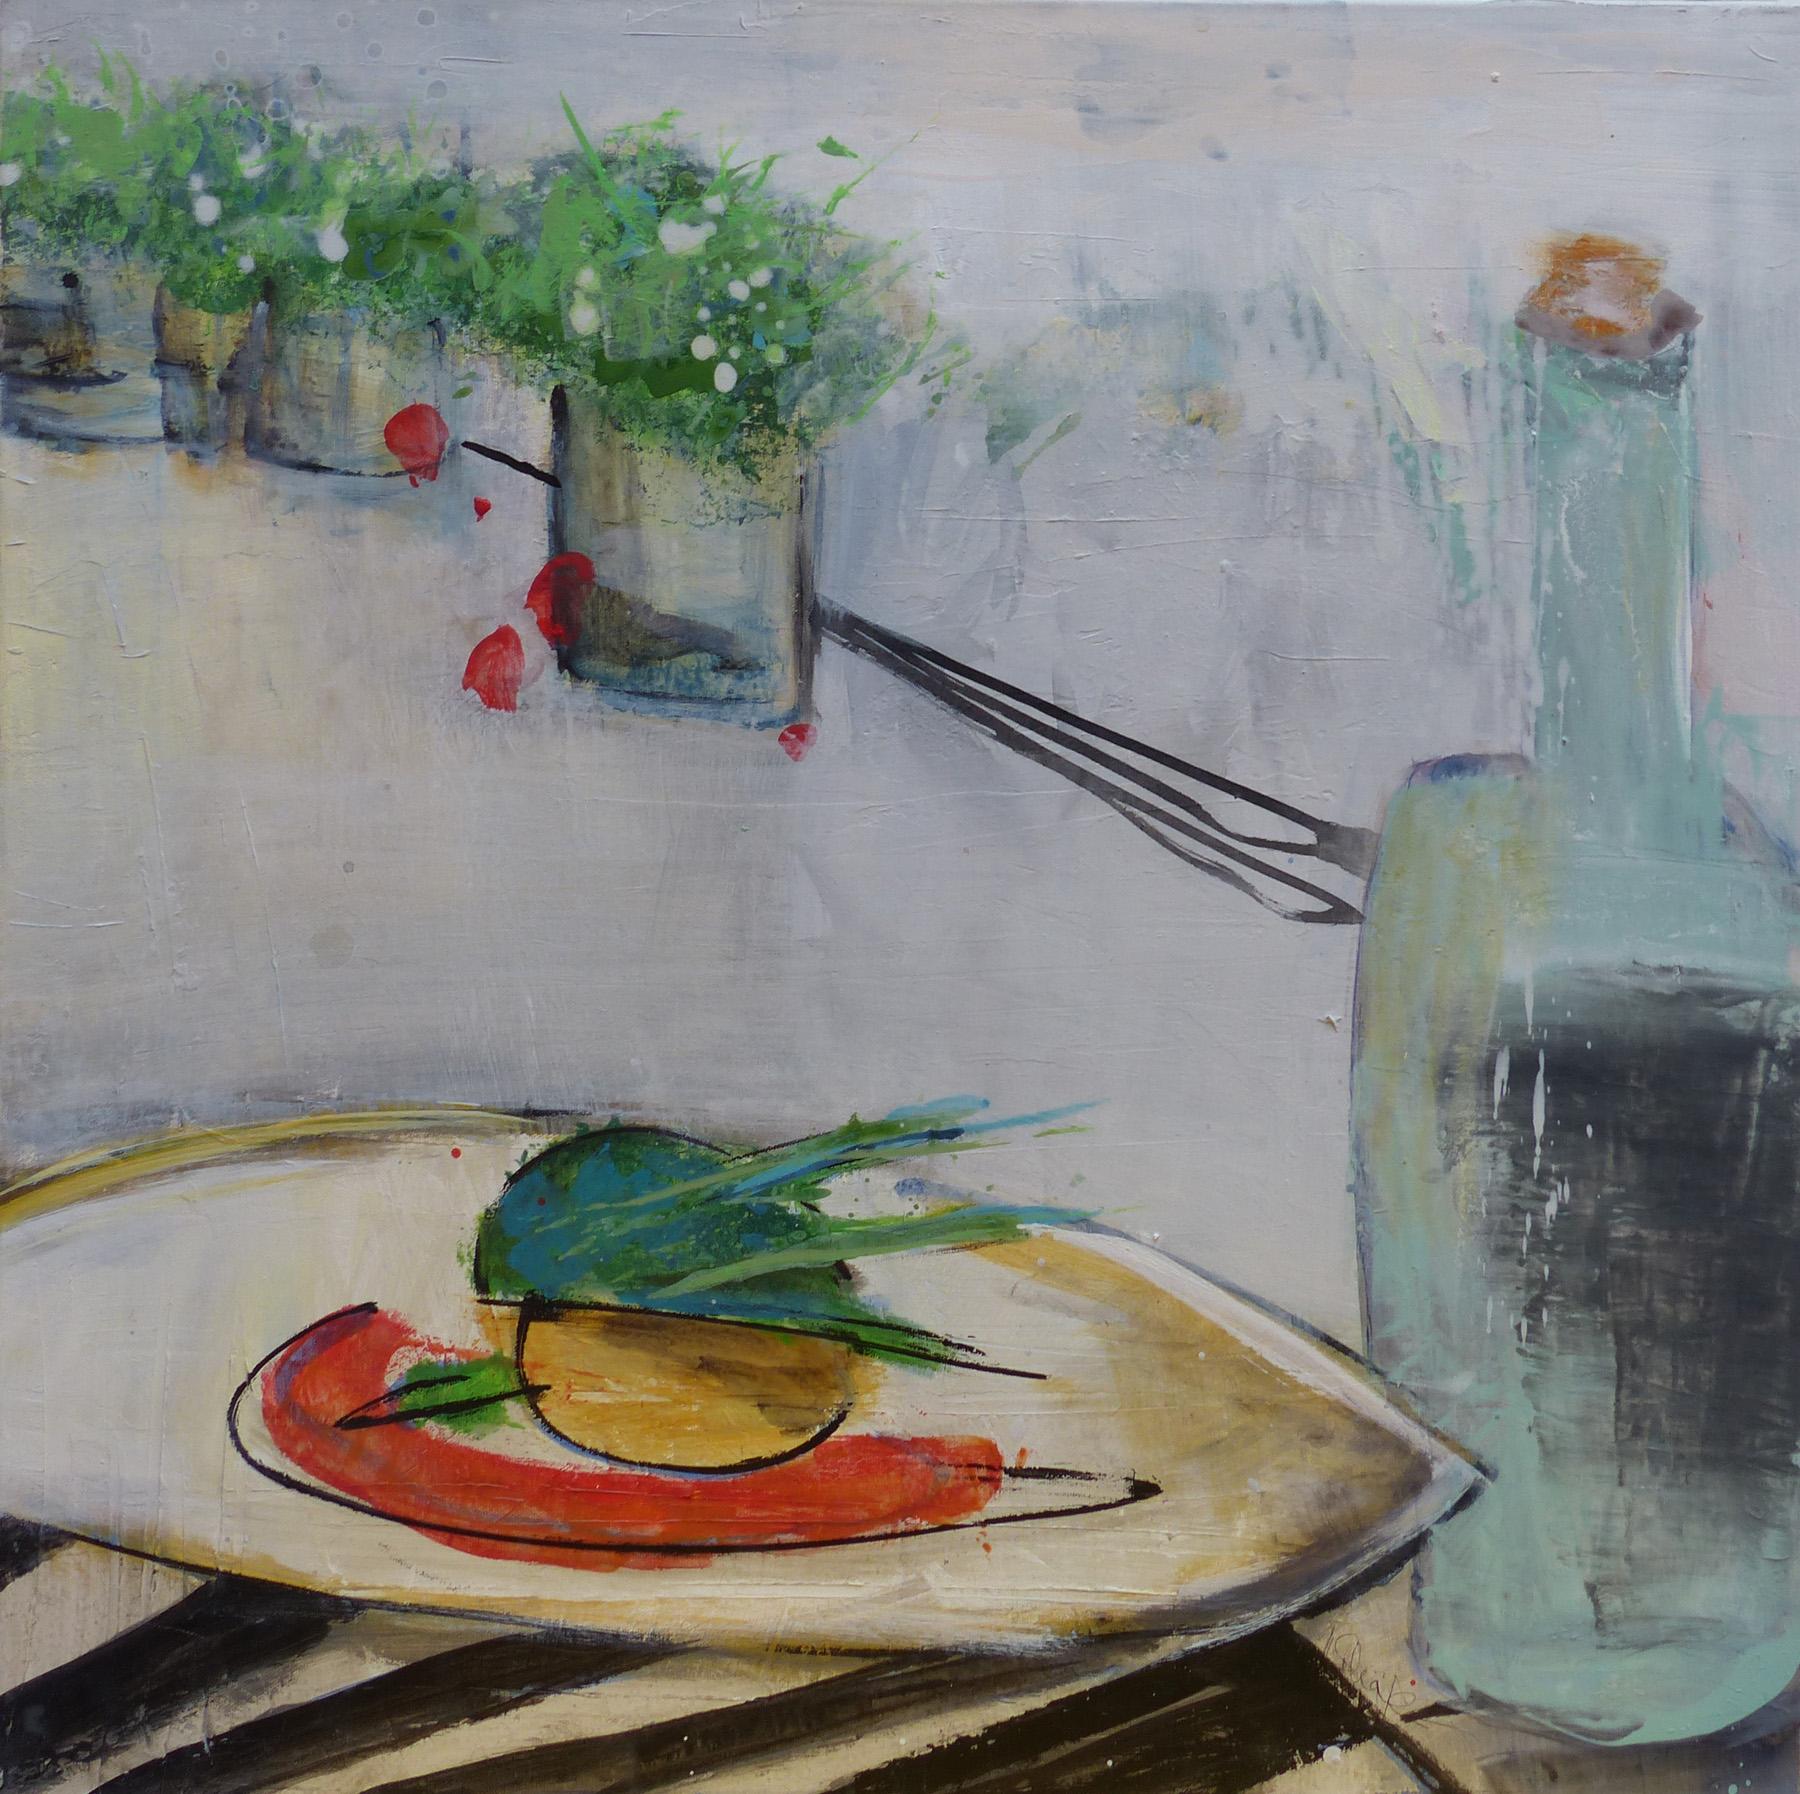 auf dem Tisch